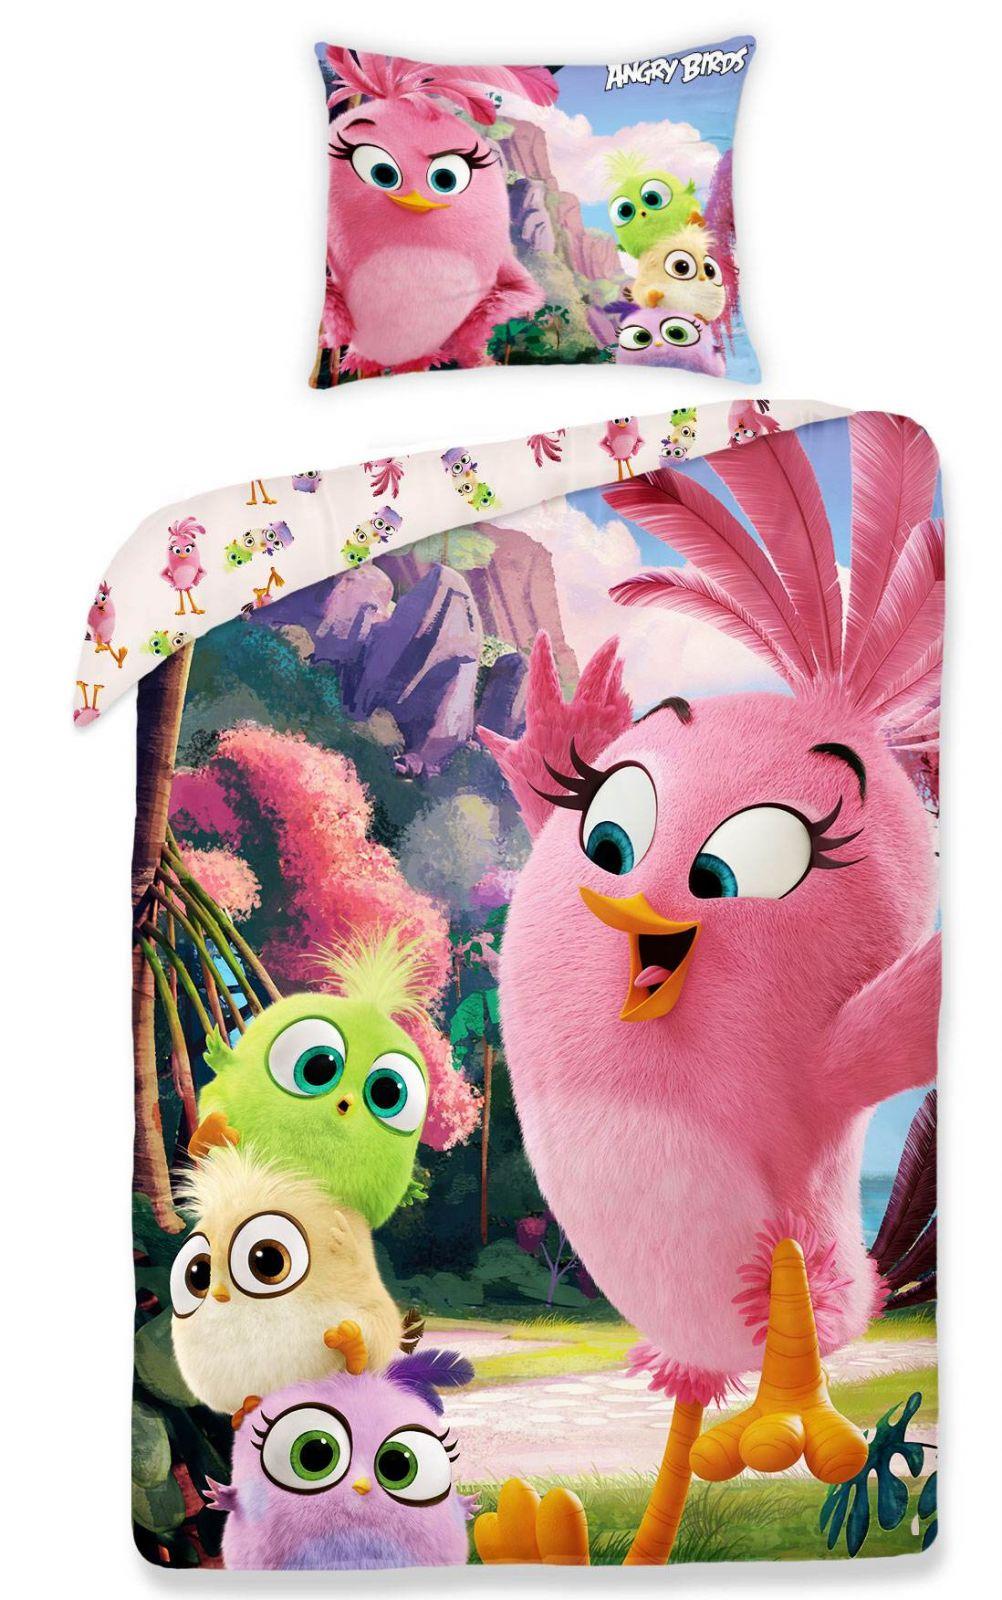 Obrázok vtáčikov na bavlnených detských posteľných obliečkach Angry birds 1155, Halantex